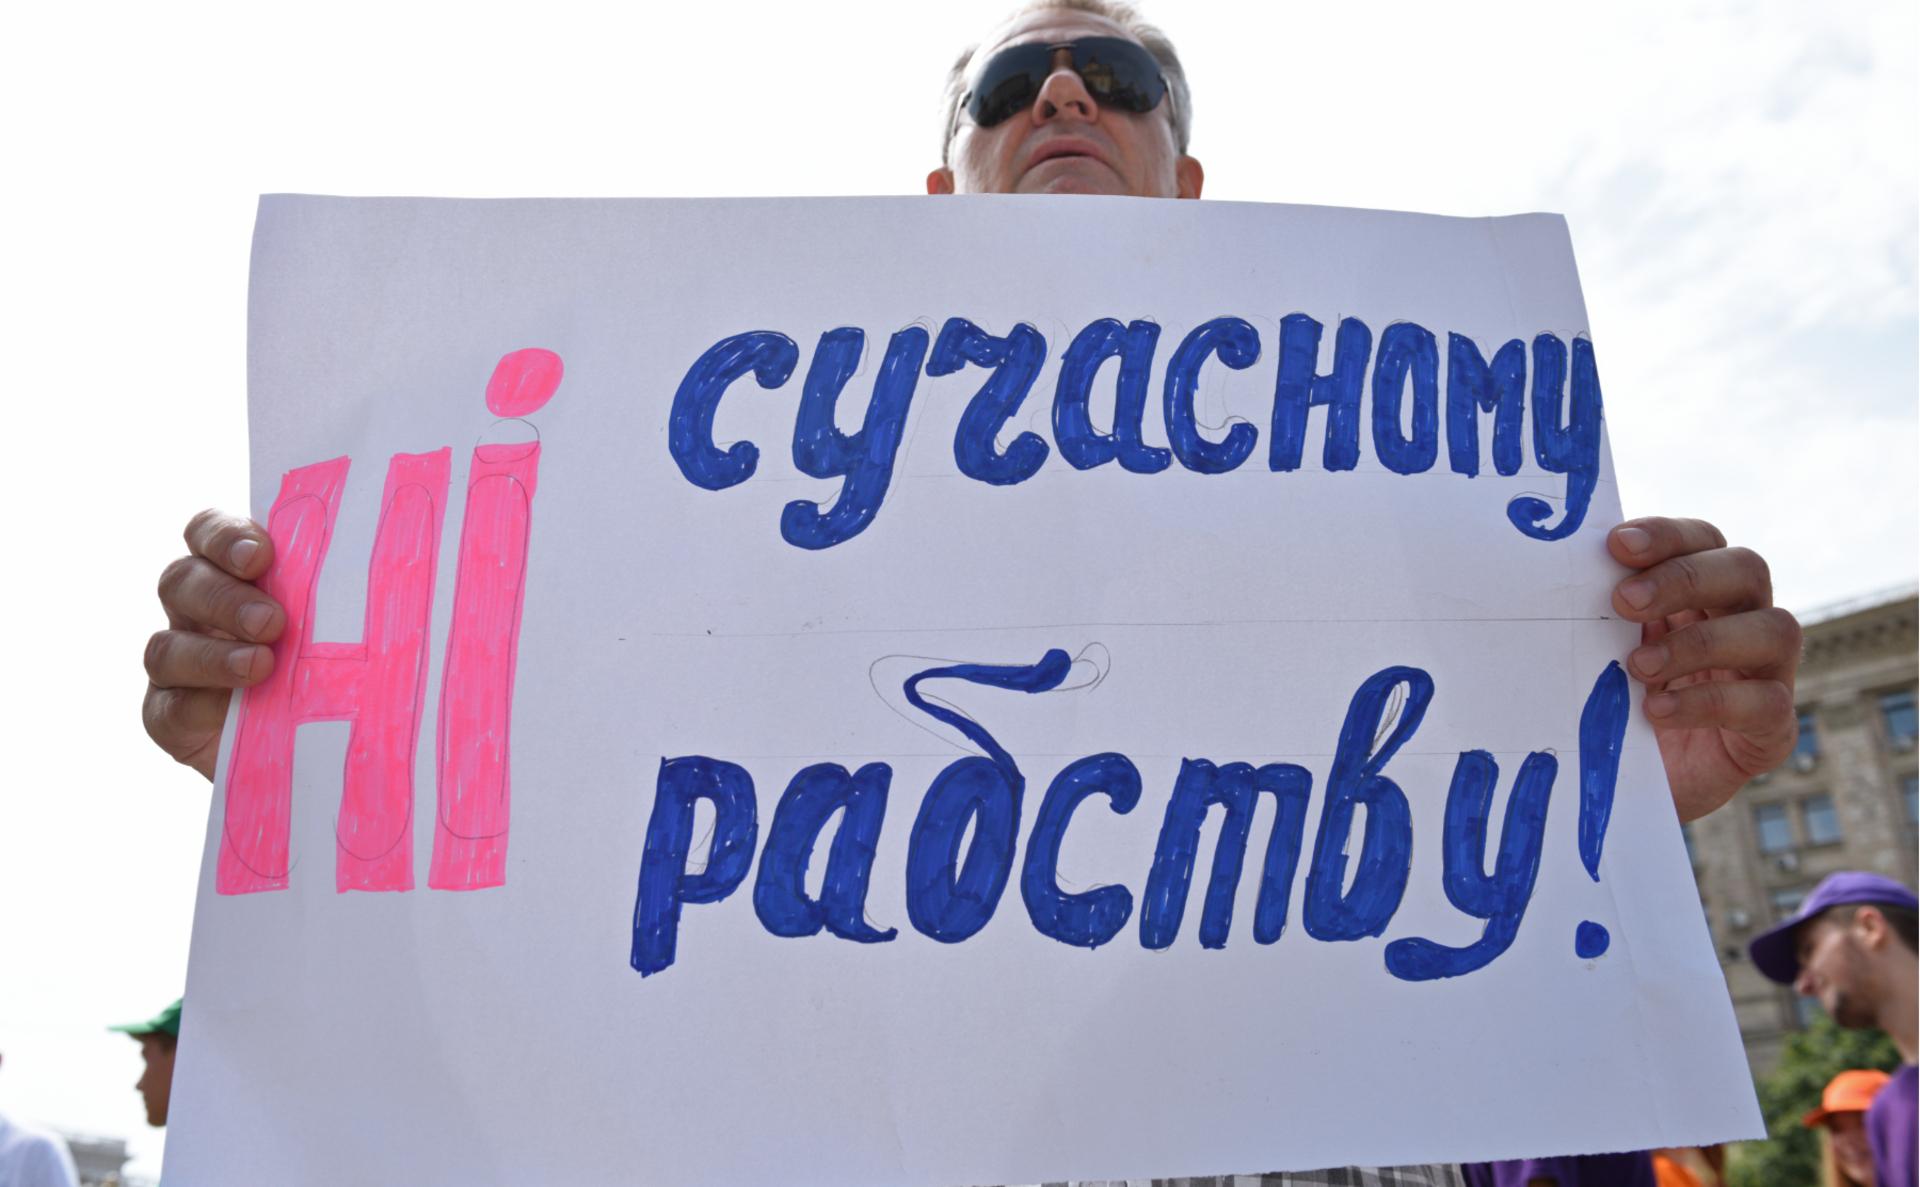 В донецке задержан мужчина переправлявший девушек в сексуальное рабство в москву